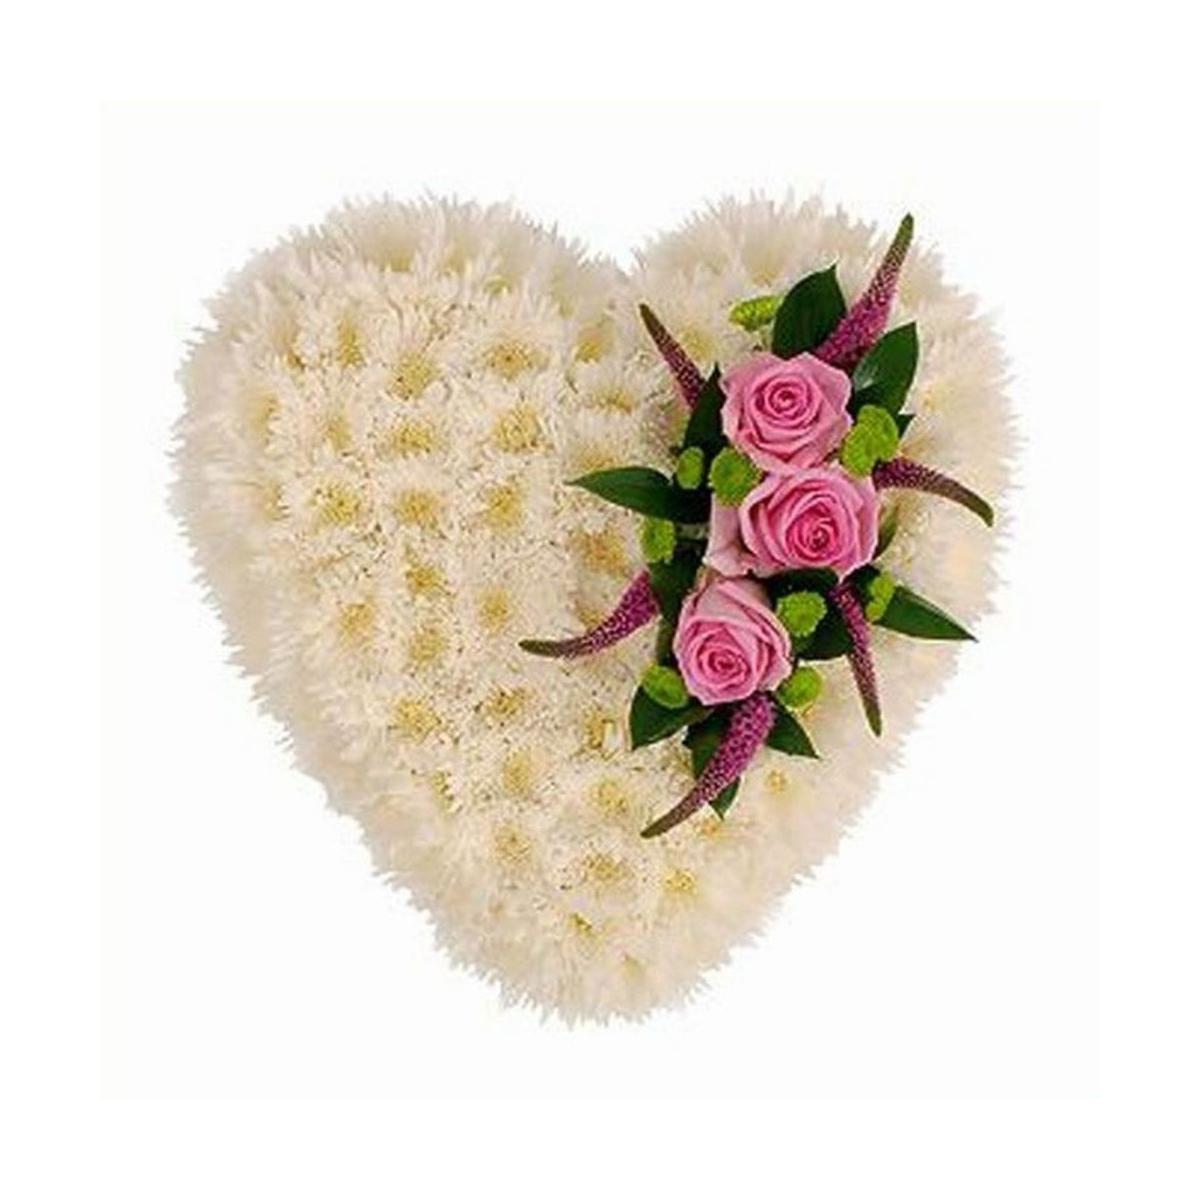 картинки цветы в виде сердец